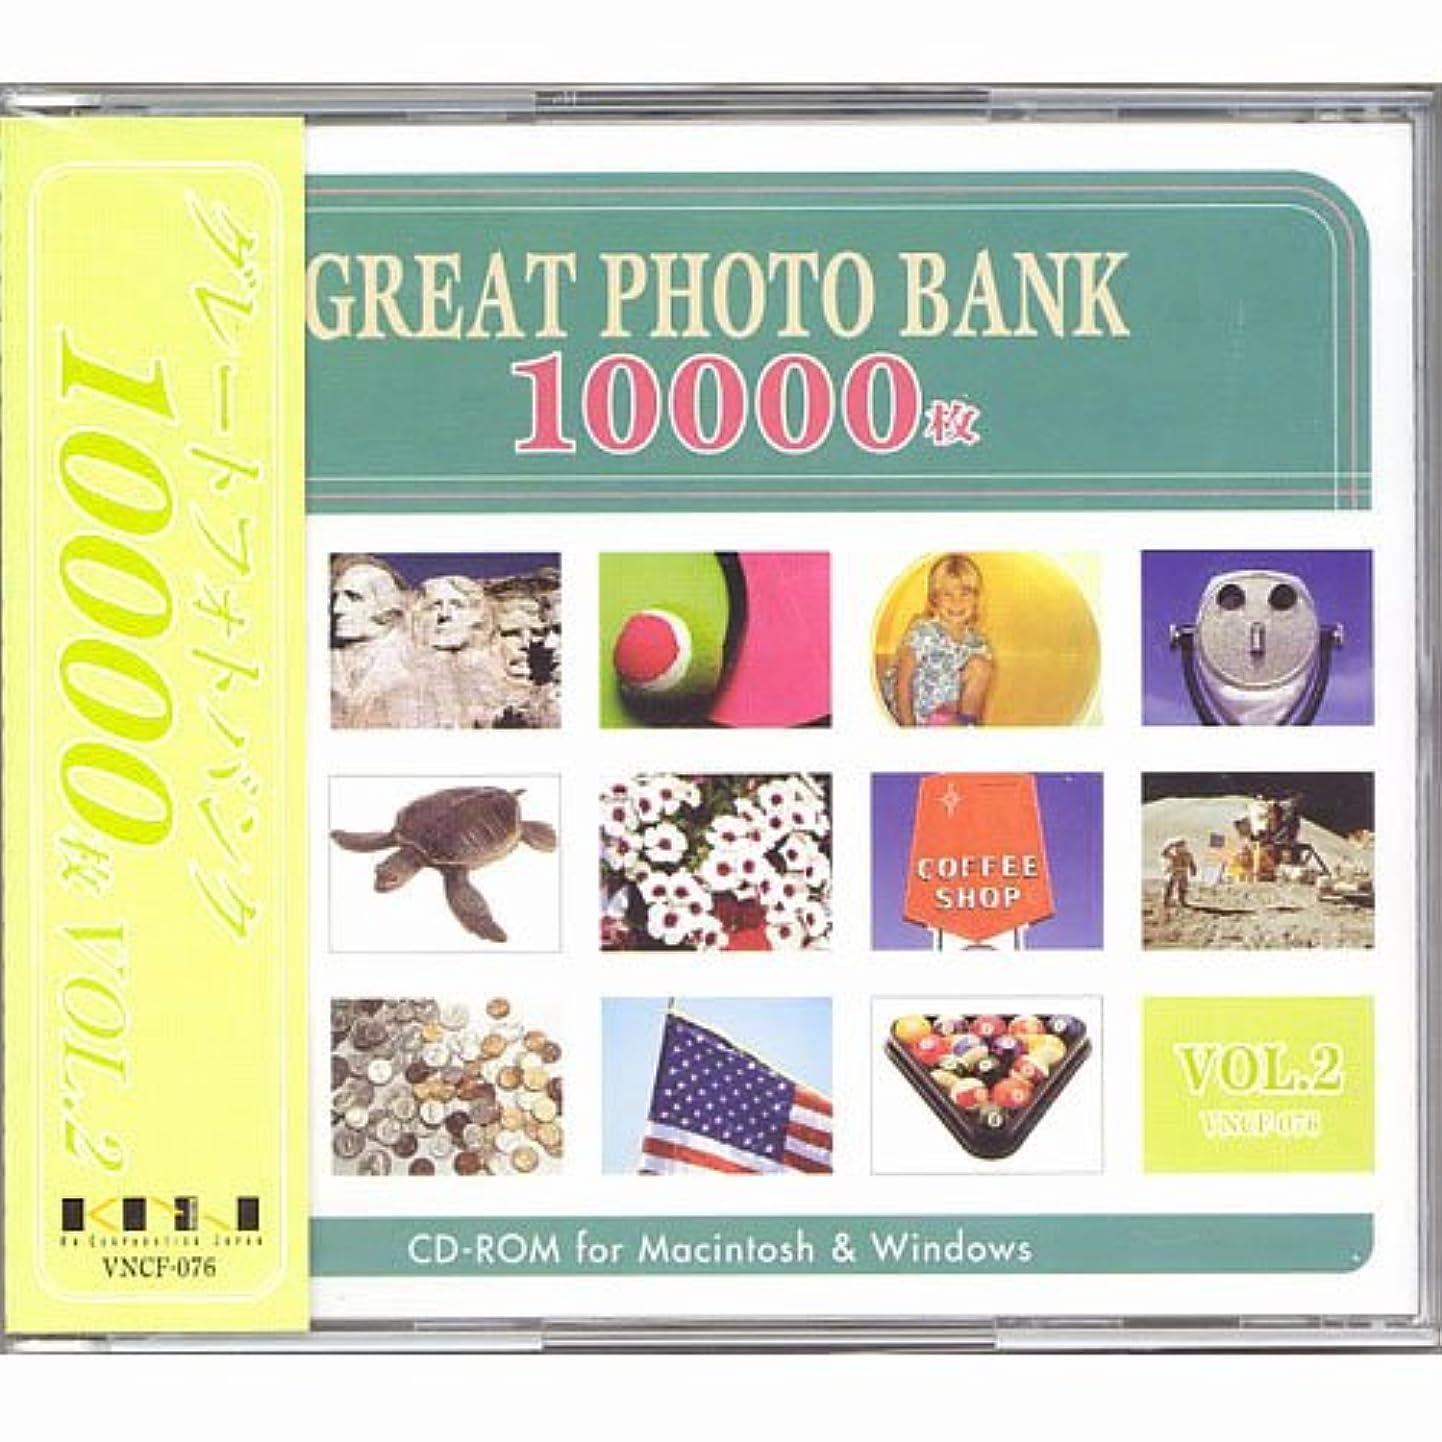 鼻反対するトンネルGreat Photo Bank 10000枚 Vol.2